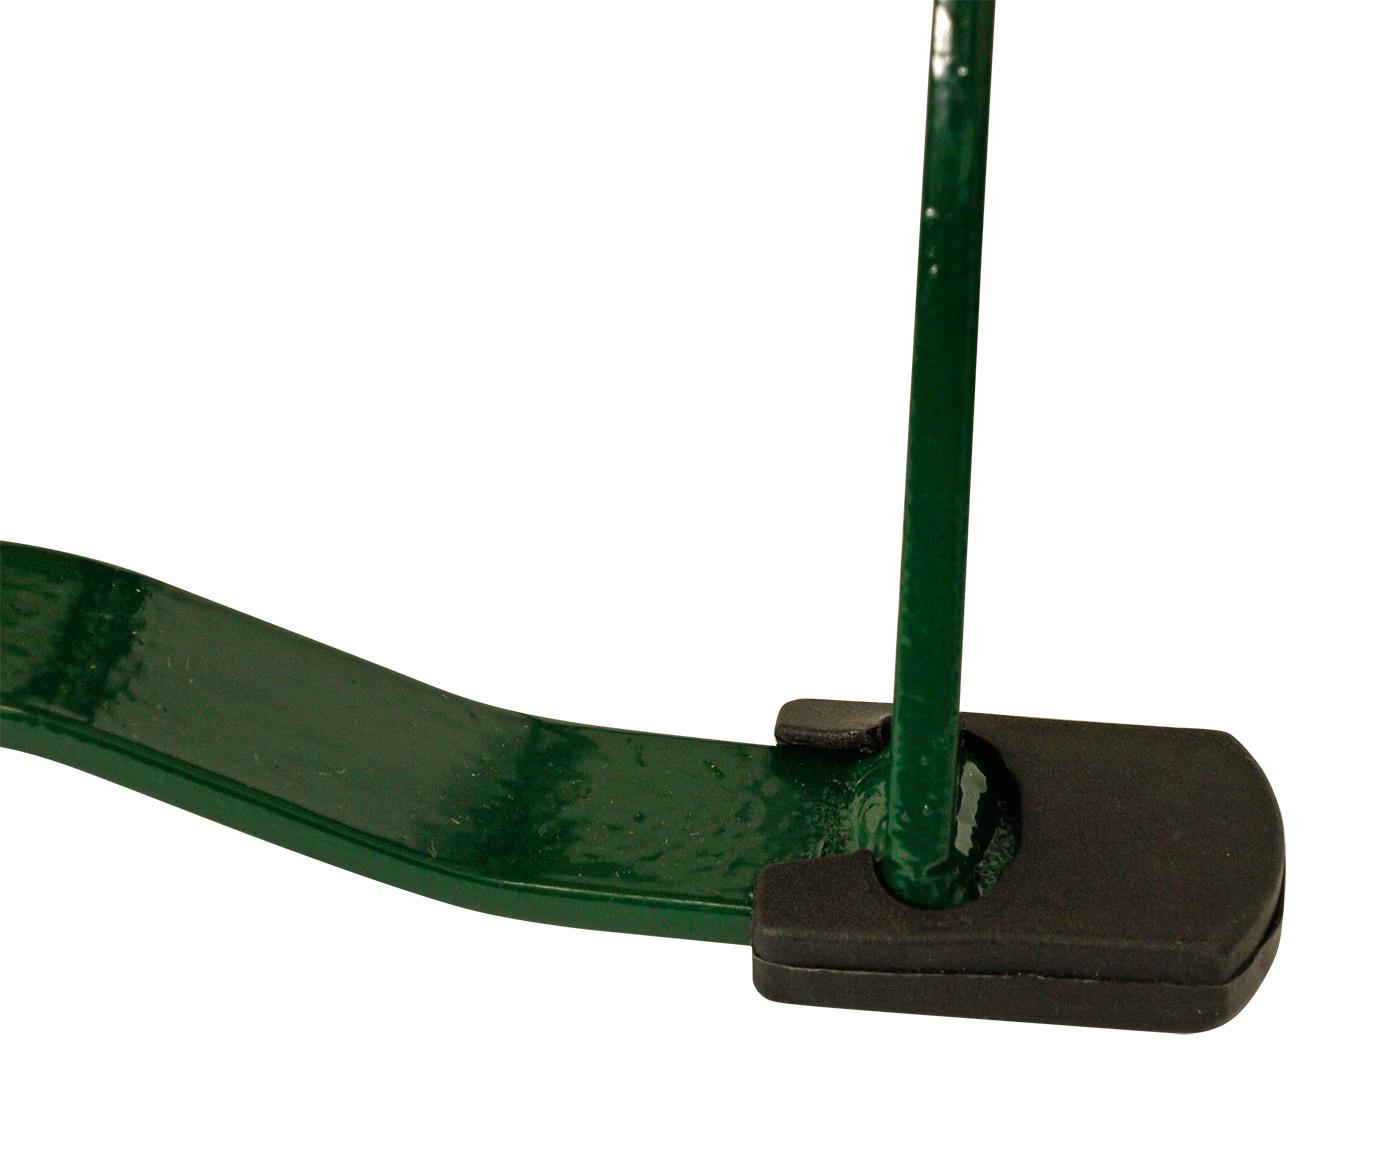 Bodenschoner für Flachstahlmöbel, 4-er Satz